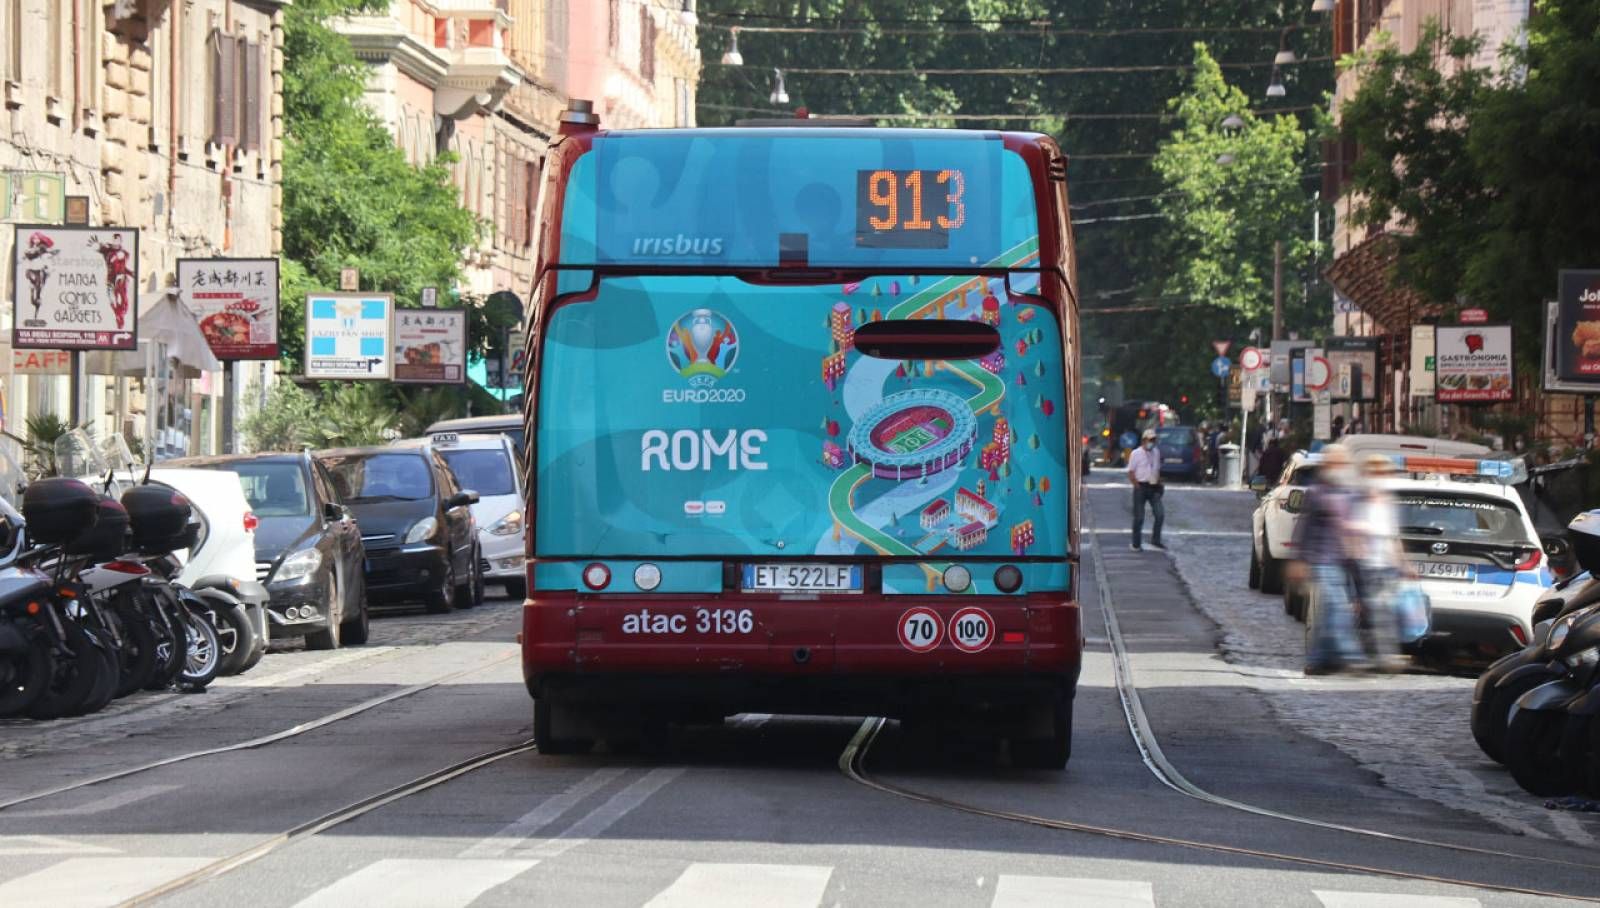 Pubblicità su autobus Full-Back IGPDecaux per UEFA 2020 a Roma